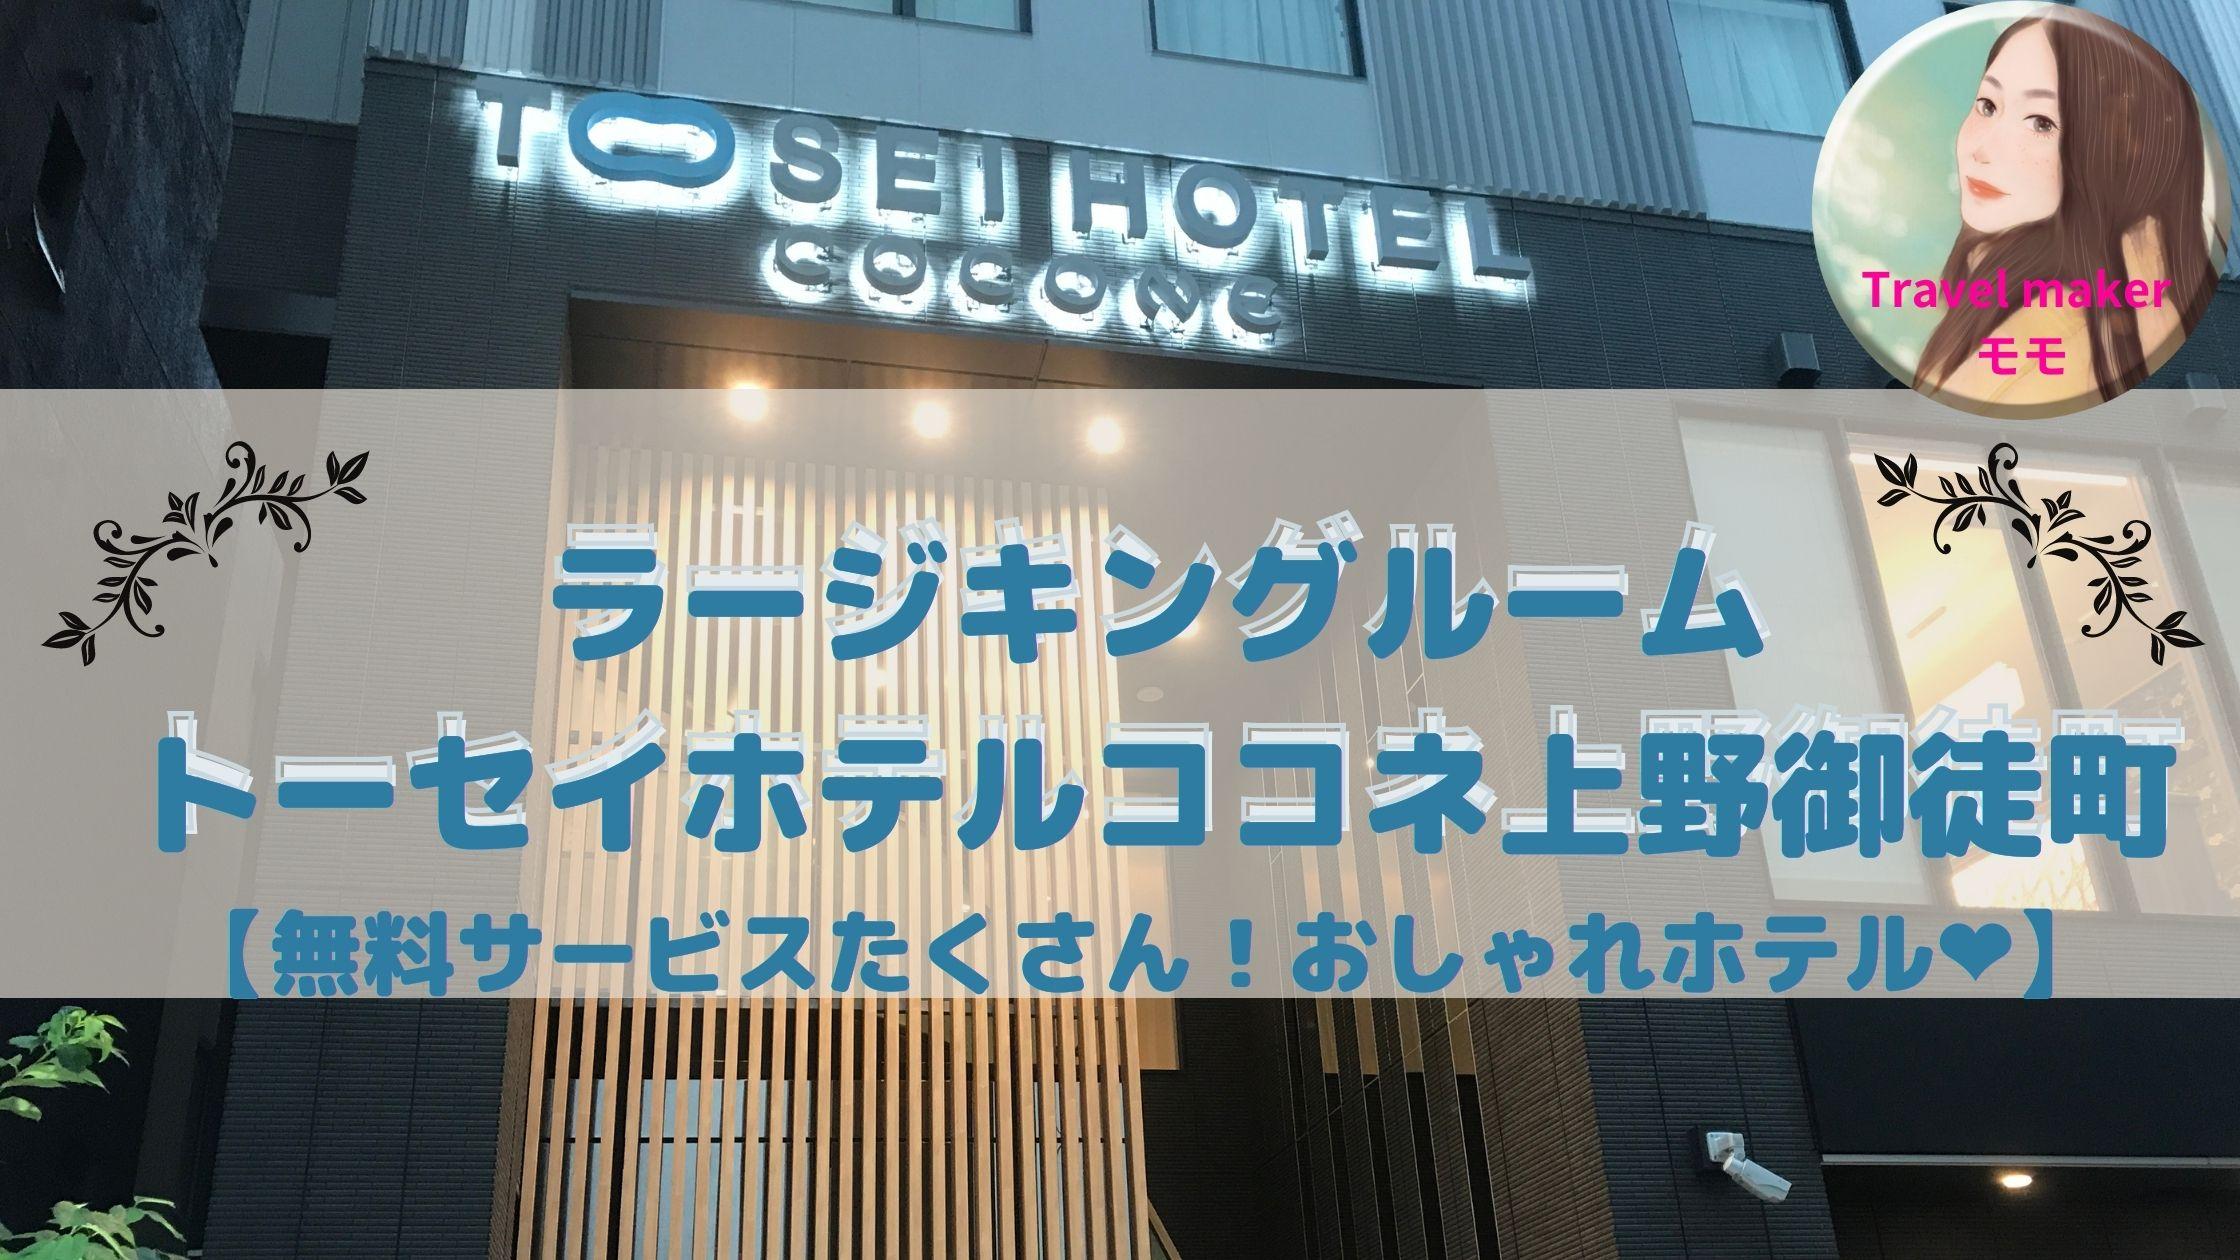 トーセイホテルココネ上野御徒町 ブログ レディースフロア